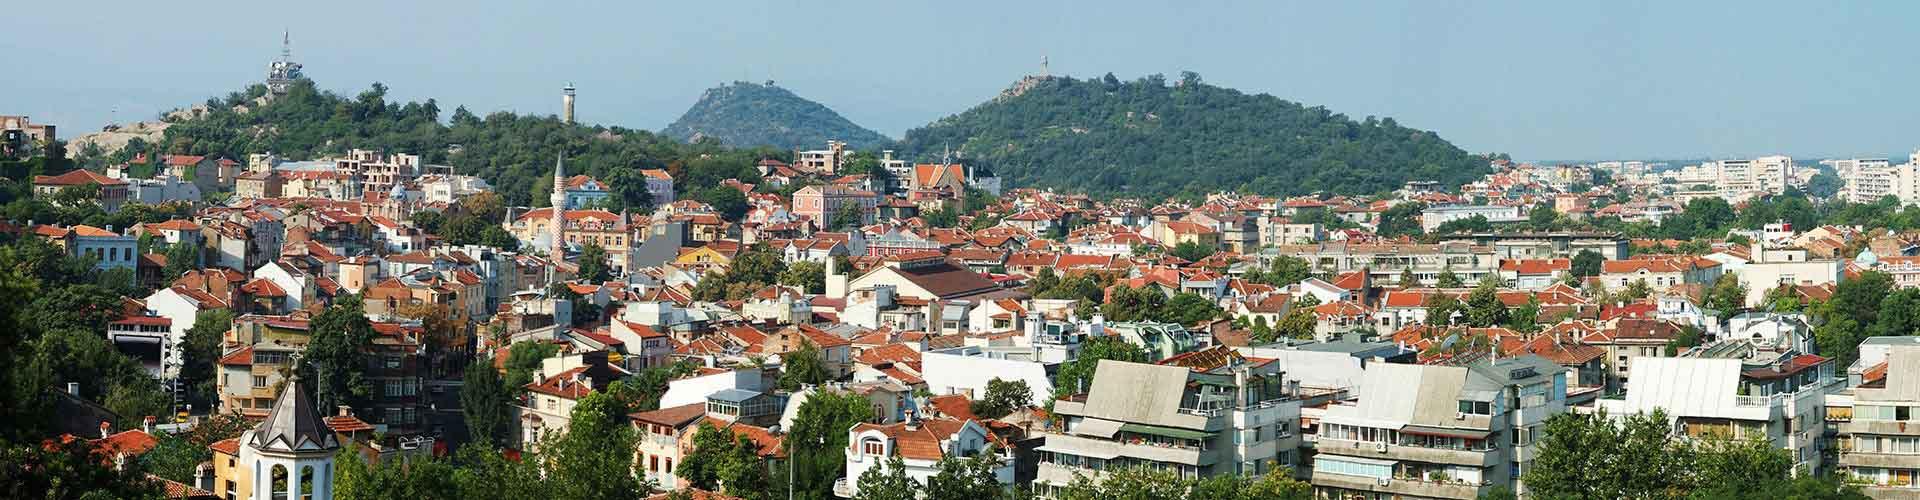 Plovdiv - Albergues en Plovdiv. Mapas de Plovdiv, Fotos y Comentarios para cada Albergue en Plovdiv.